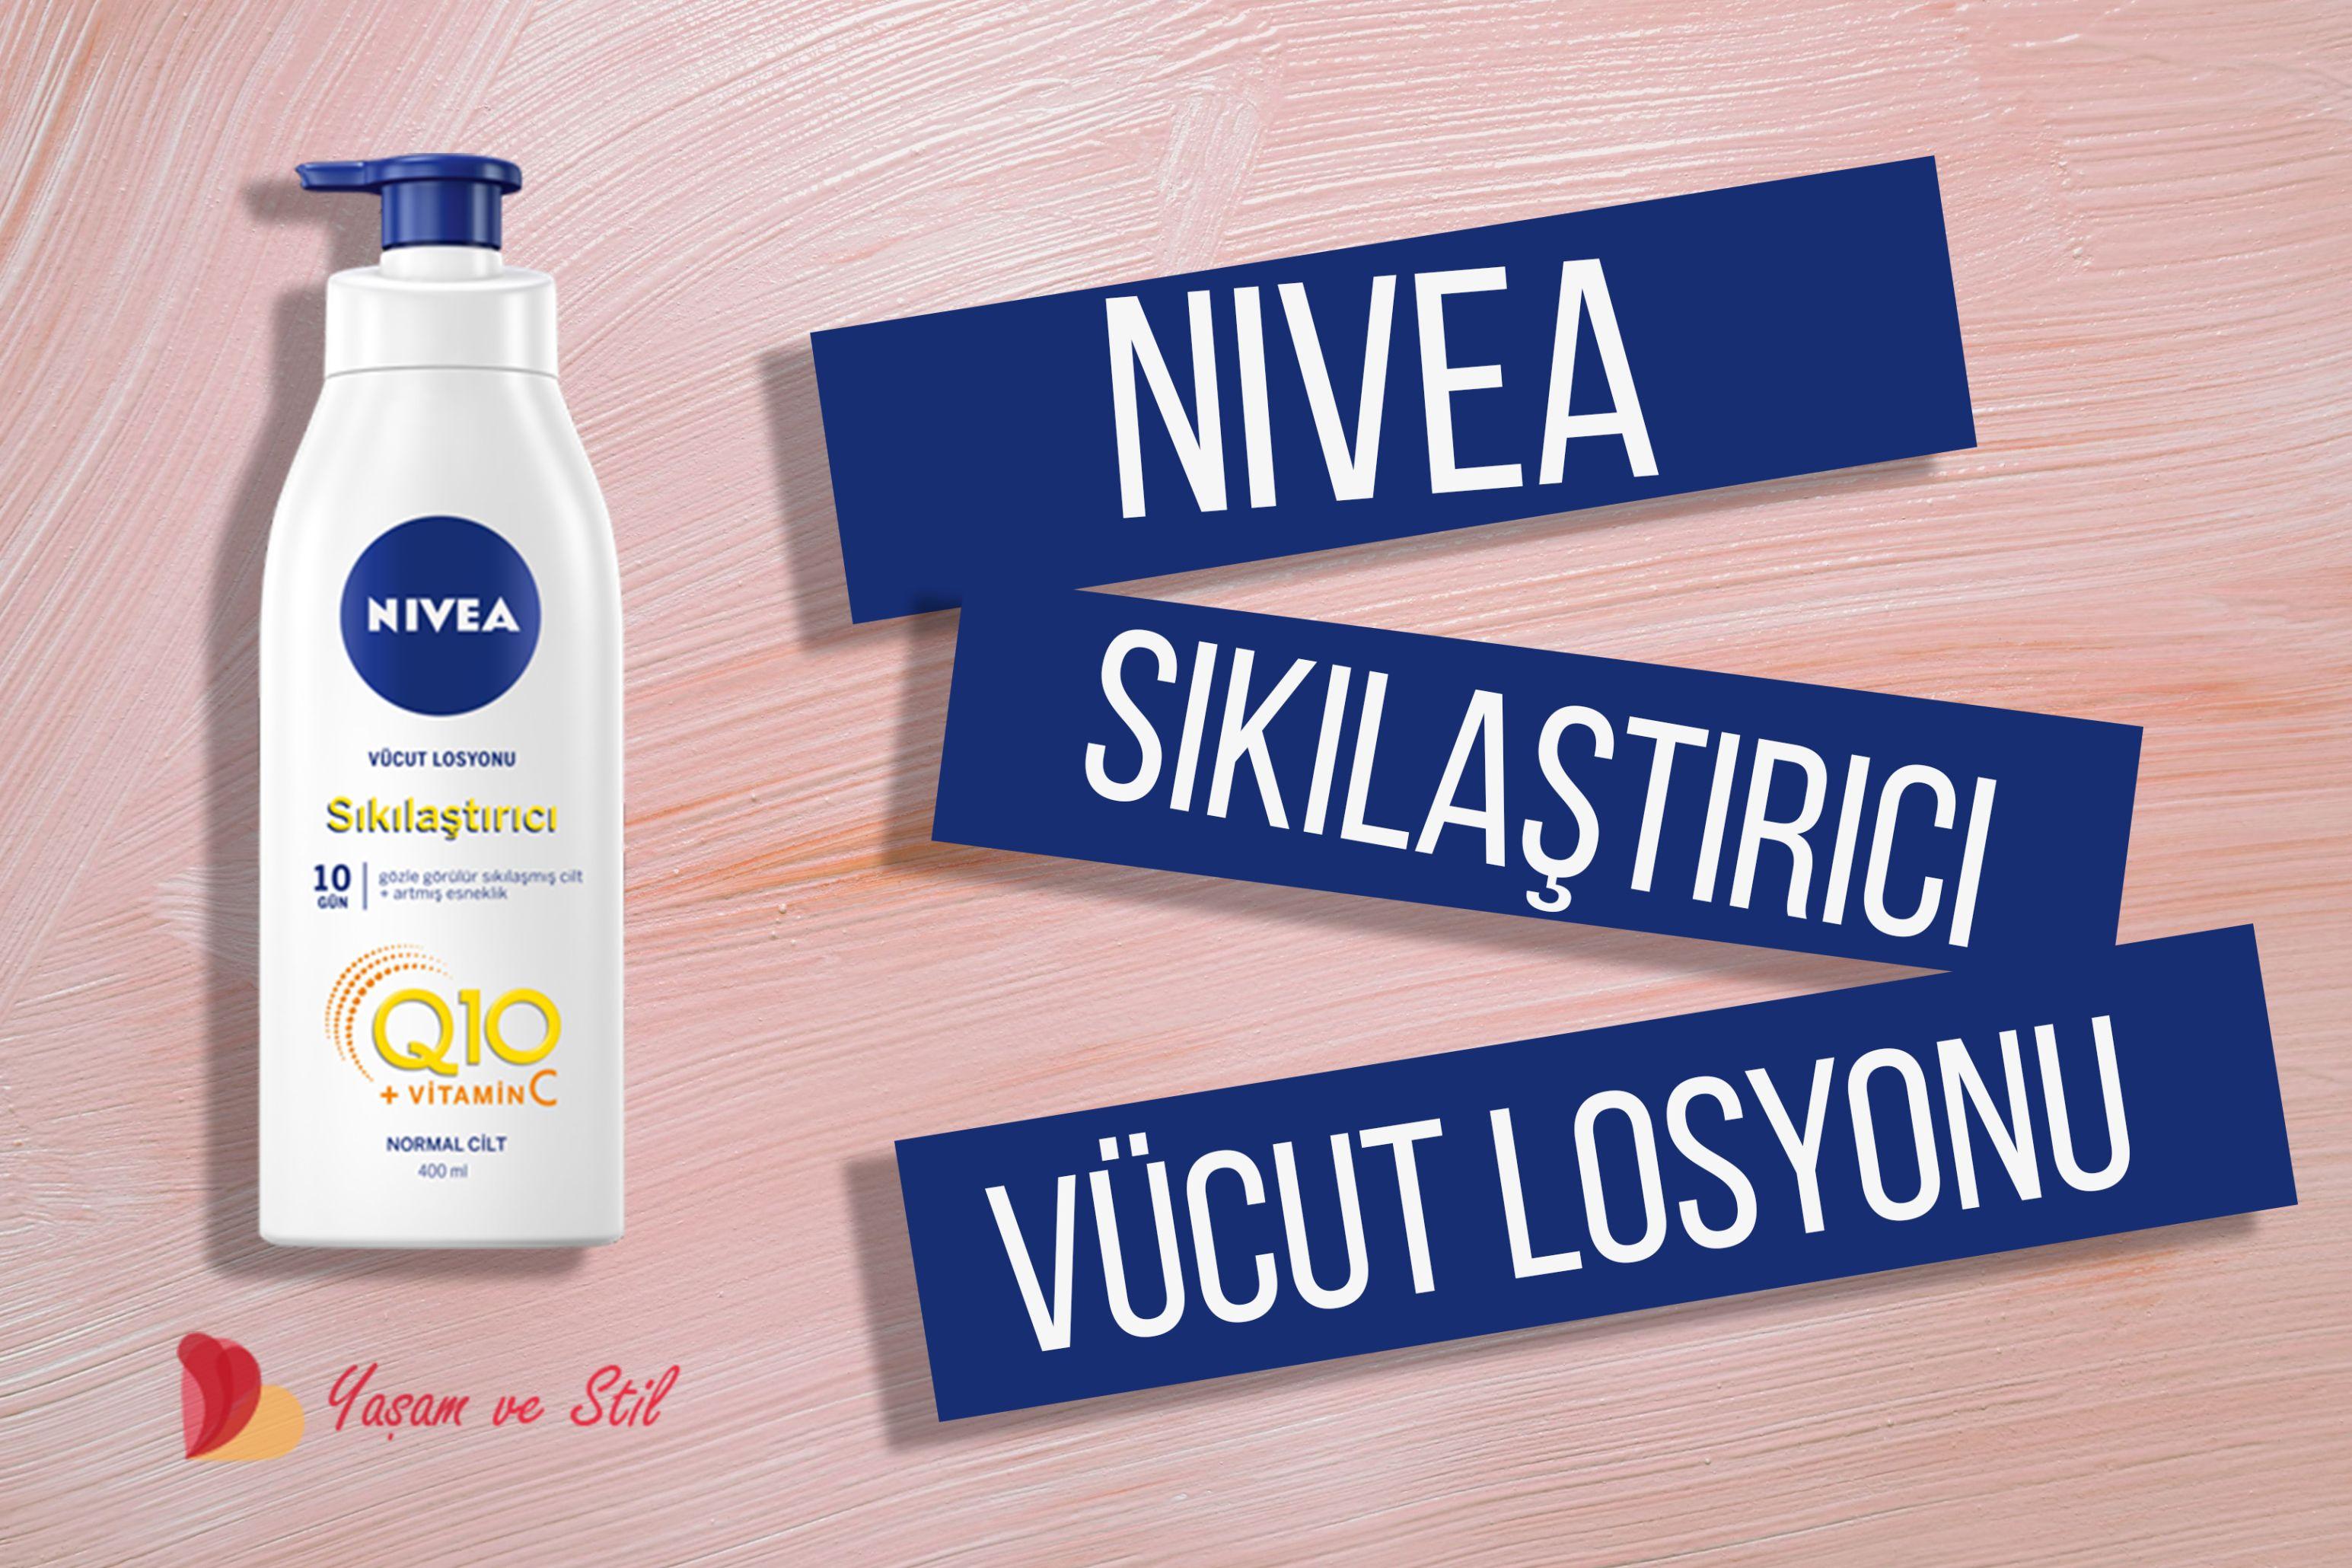 Nivea Q10 Sıkılaştırıcı Vücut Losyonu Kullanıcı Yorumları